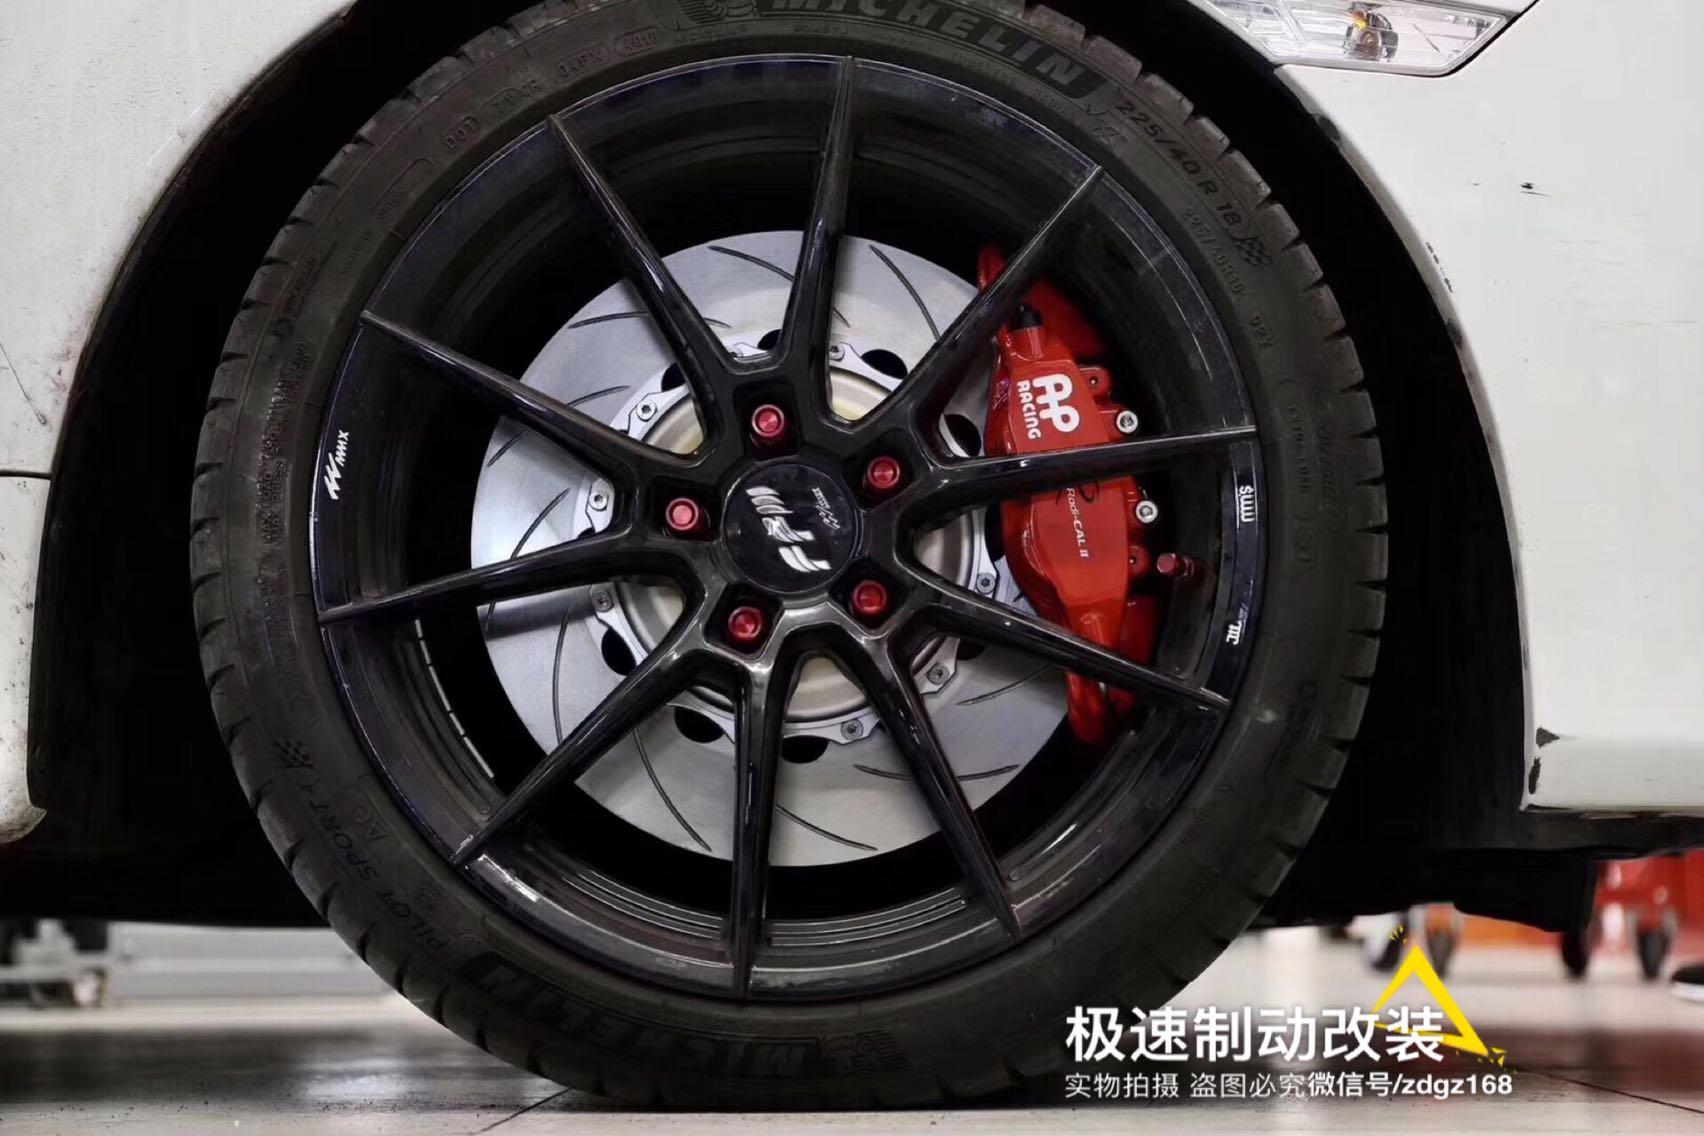 十代思域 刹车升级AP9540刹车套装 性价比高 制动力好